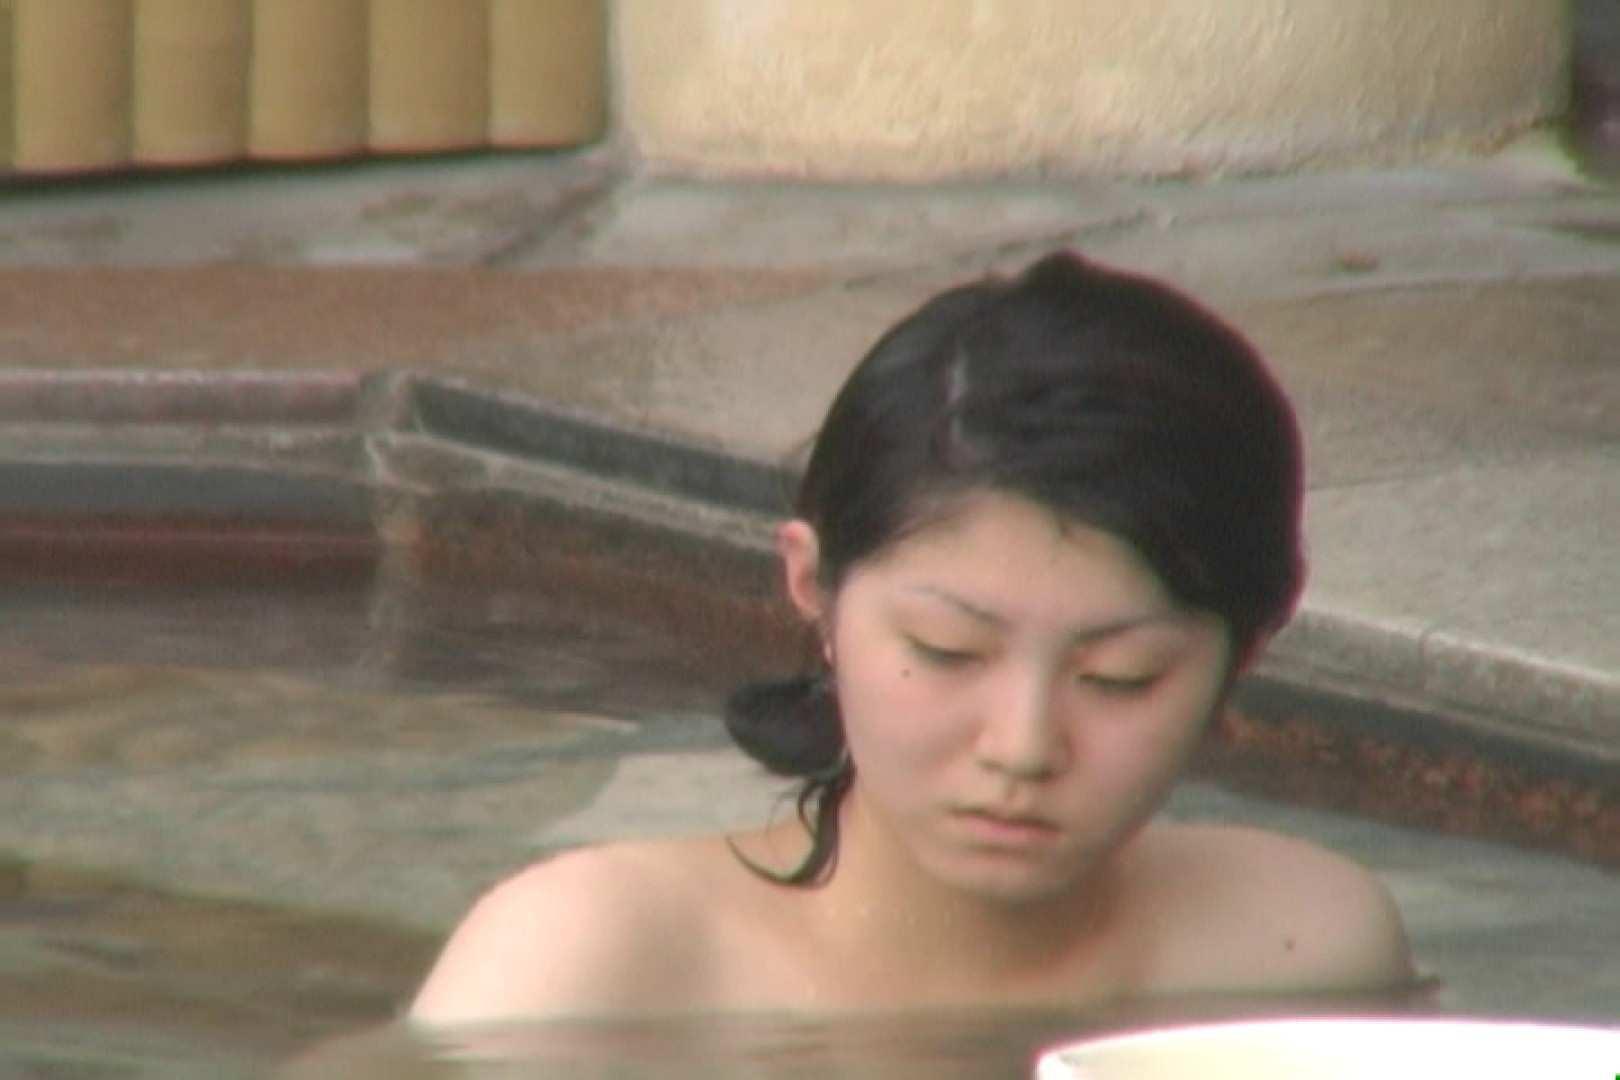 Aquaな露天風呂Vol.579 綺麗なOLたち | 盗撮  68枚 55